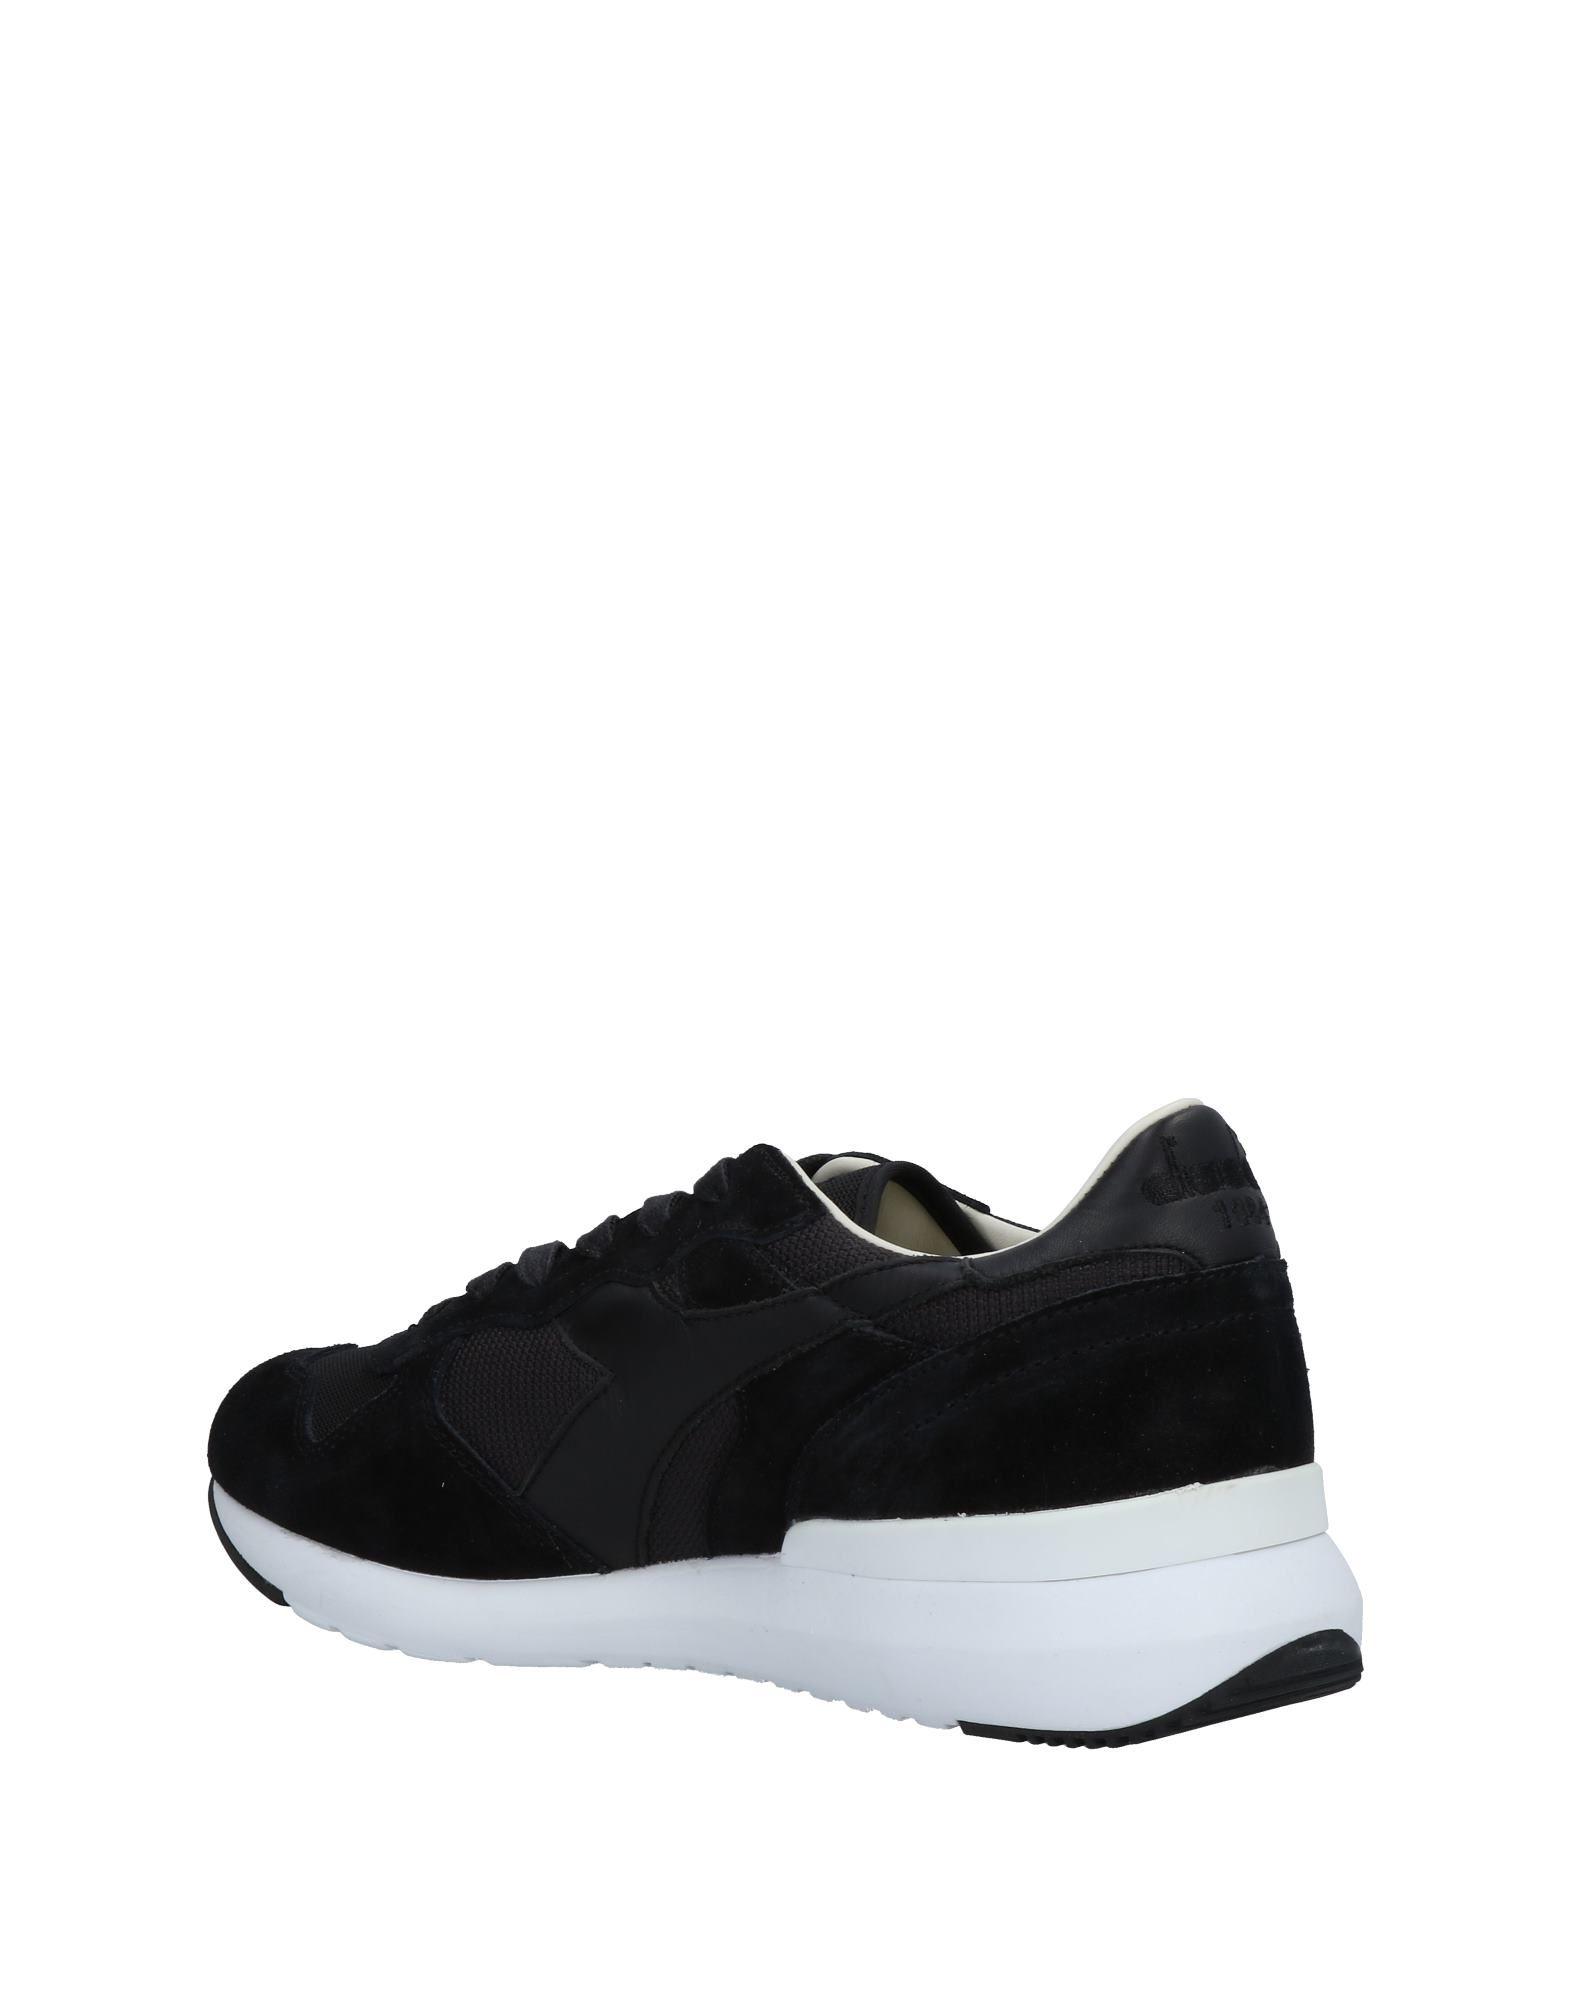 Diadora Heritage Sneakers  Herren  Sneakers 11485405LC 02c41a